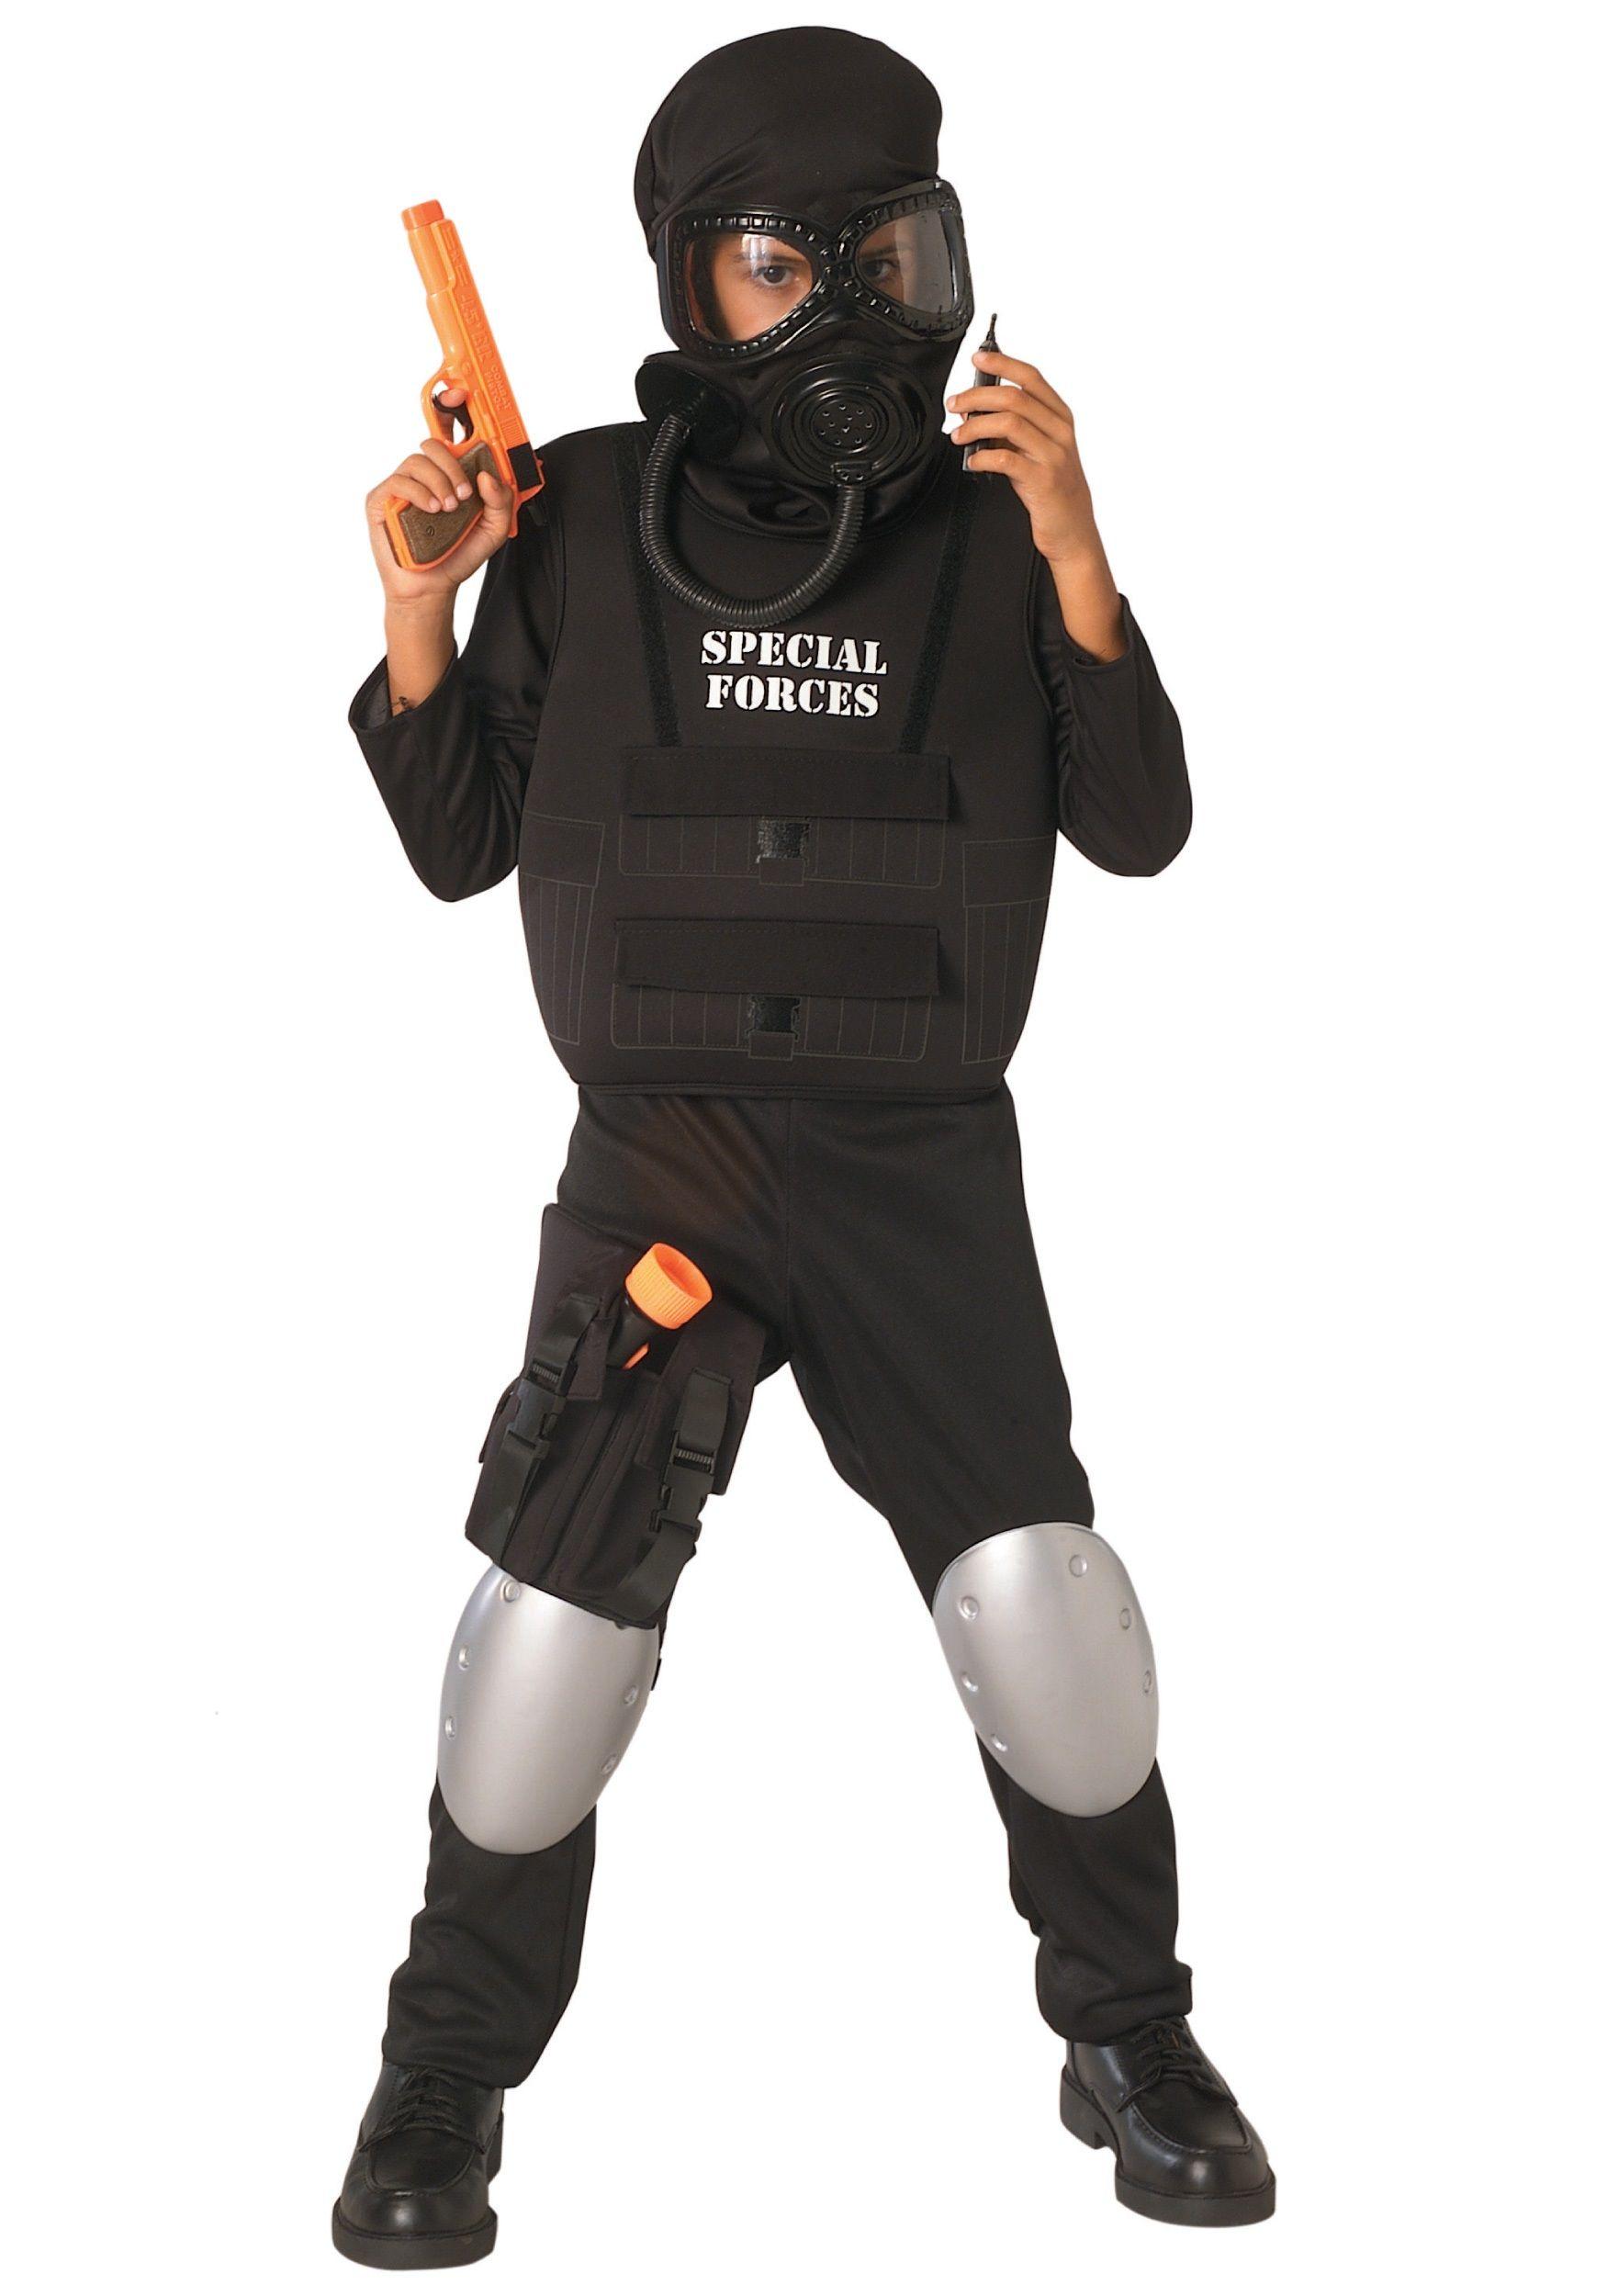 Child Special Forces Costume Kostüm junge, Kinder kostüm